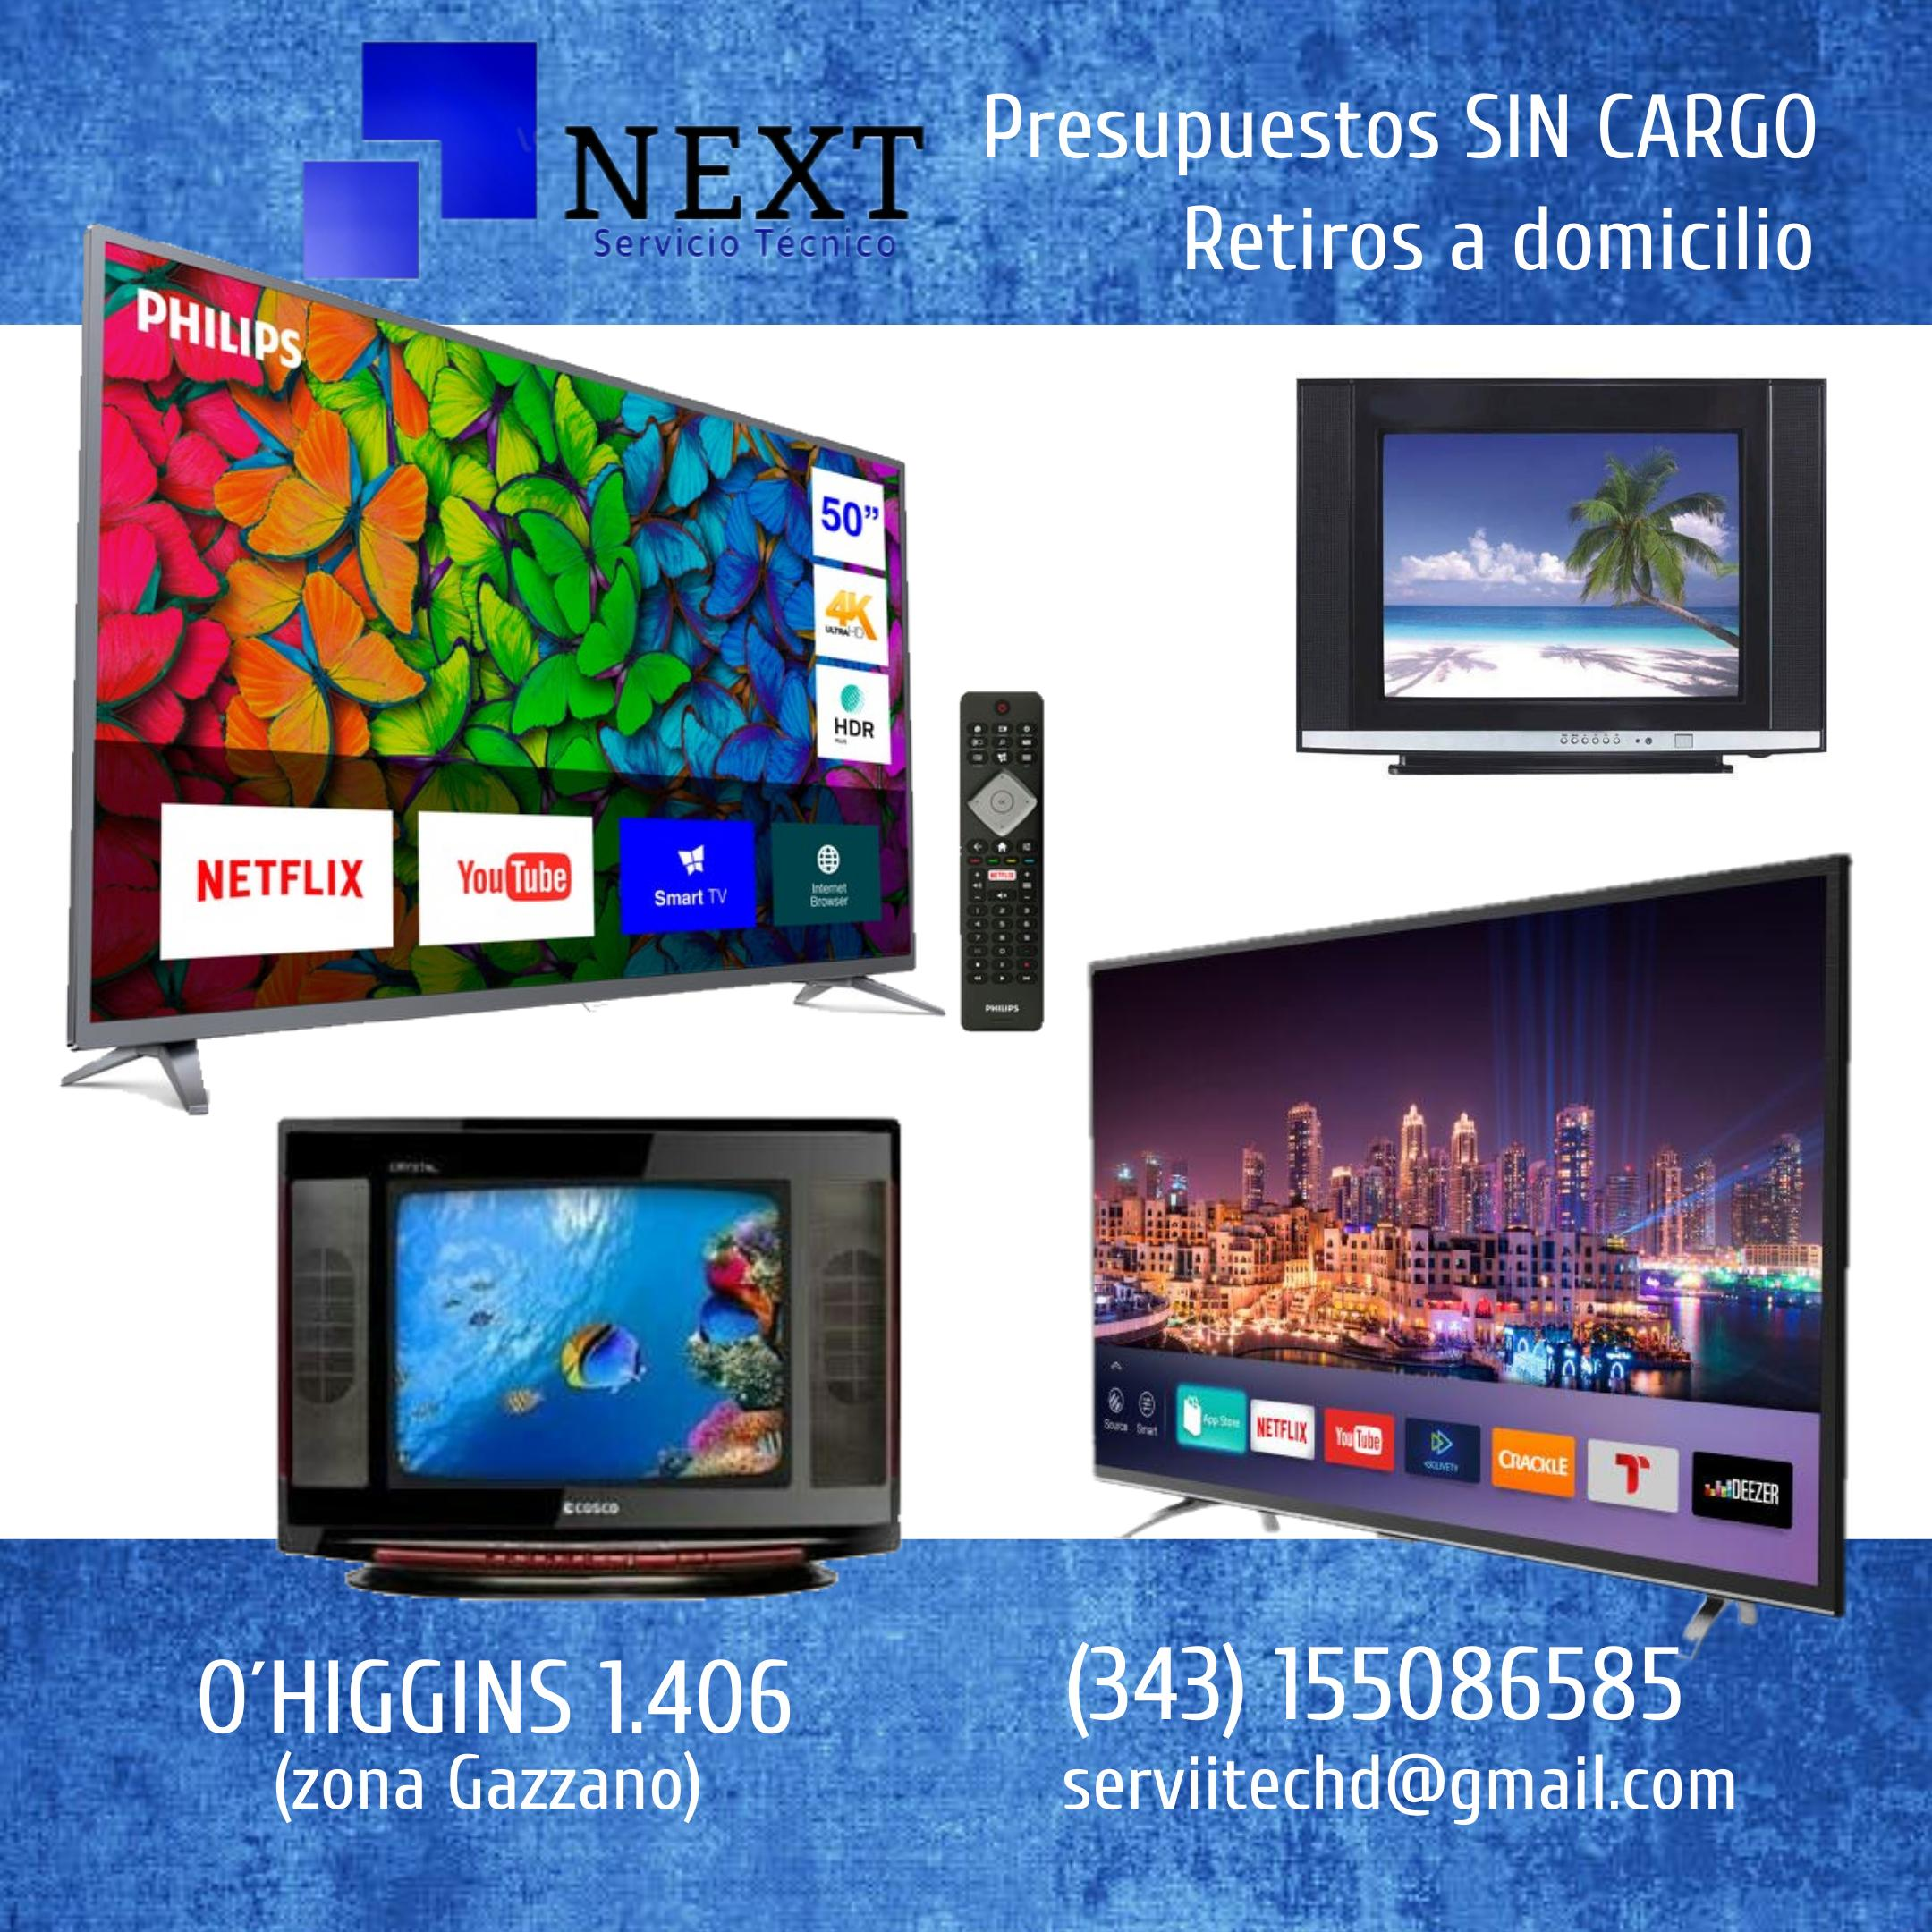 Reparación de TV COLOR, LCD, LED, SMART- Presupuestos sin cargo